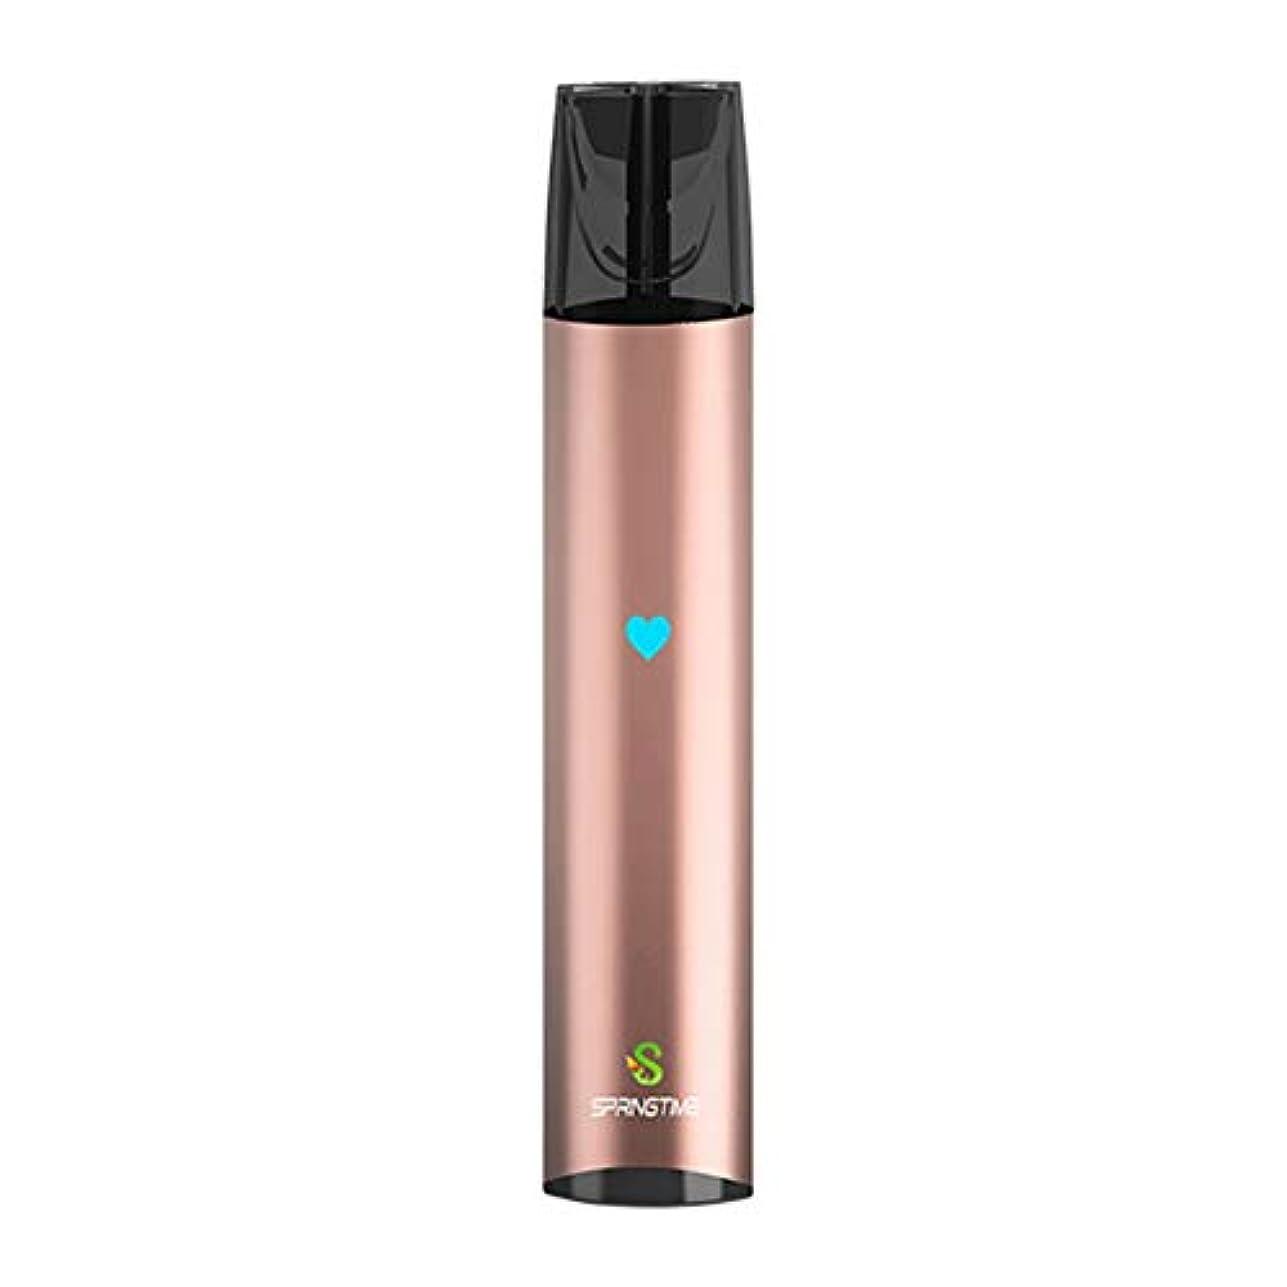 咽頭対称変換電子タバコのアップグレードニコチンなしで小さく平らな煙の爆弾の霧化タバコ